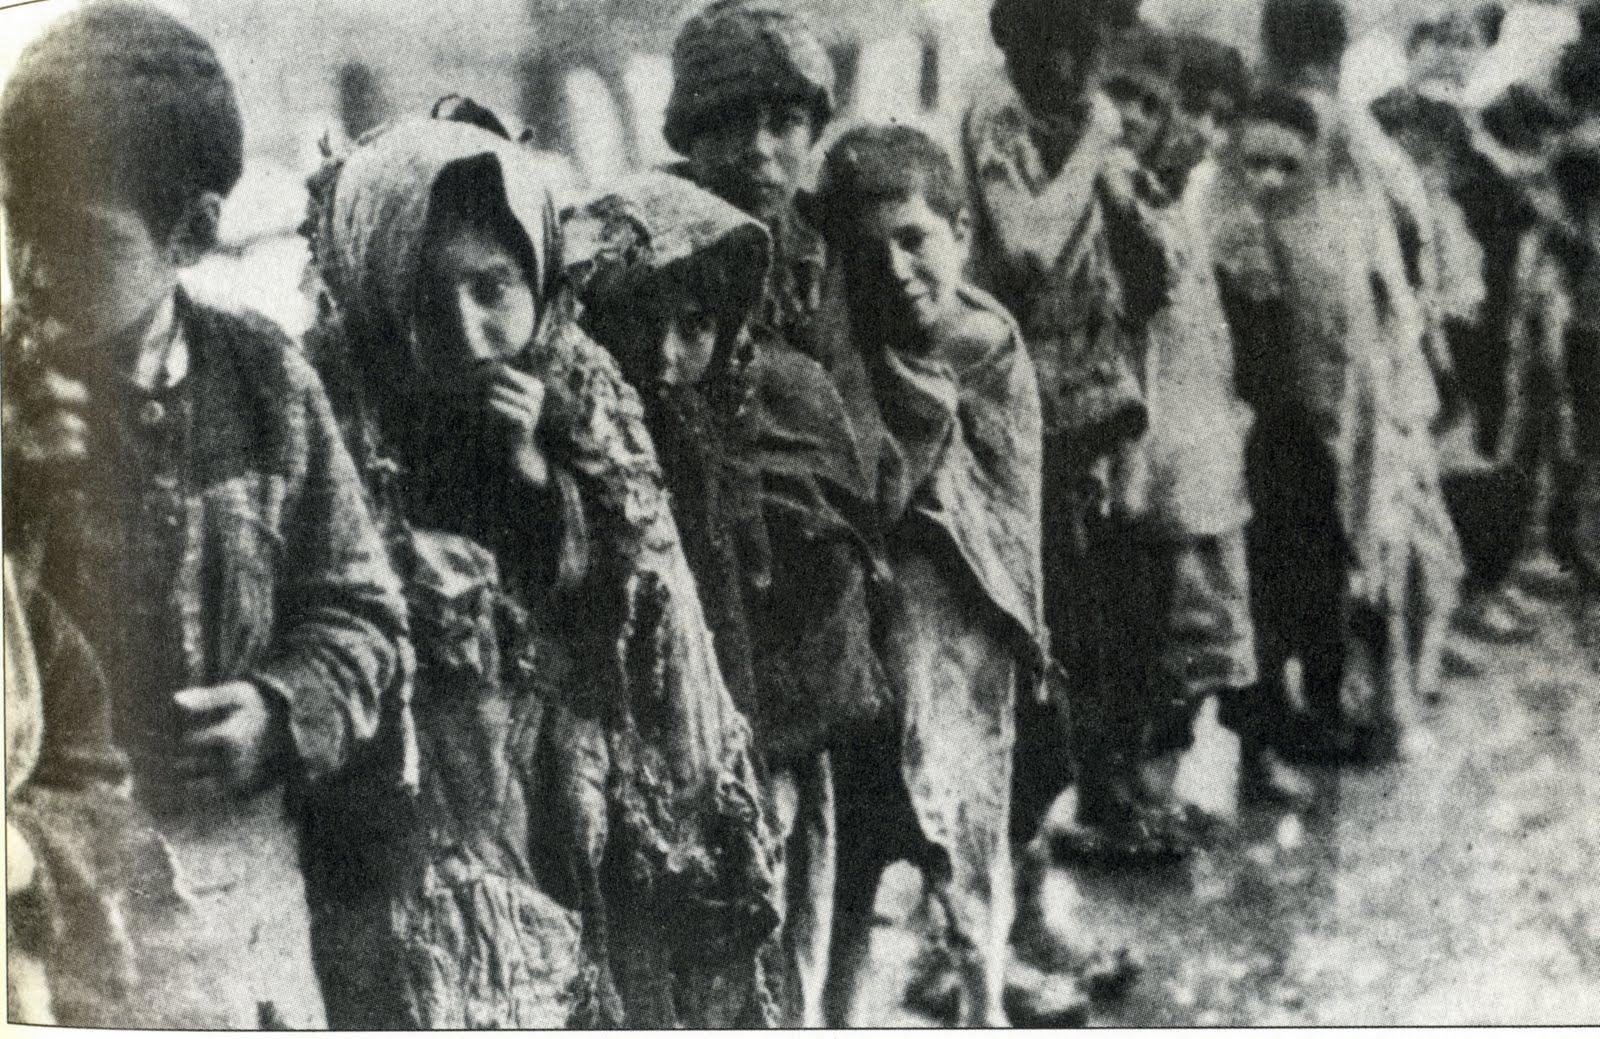 Hitler se inspiró en el genocidio armenio para su holocausto